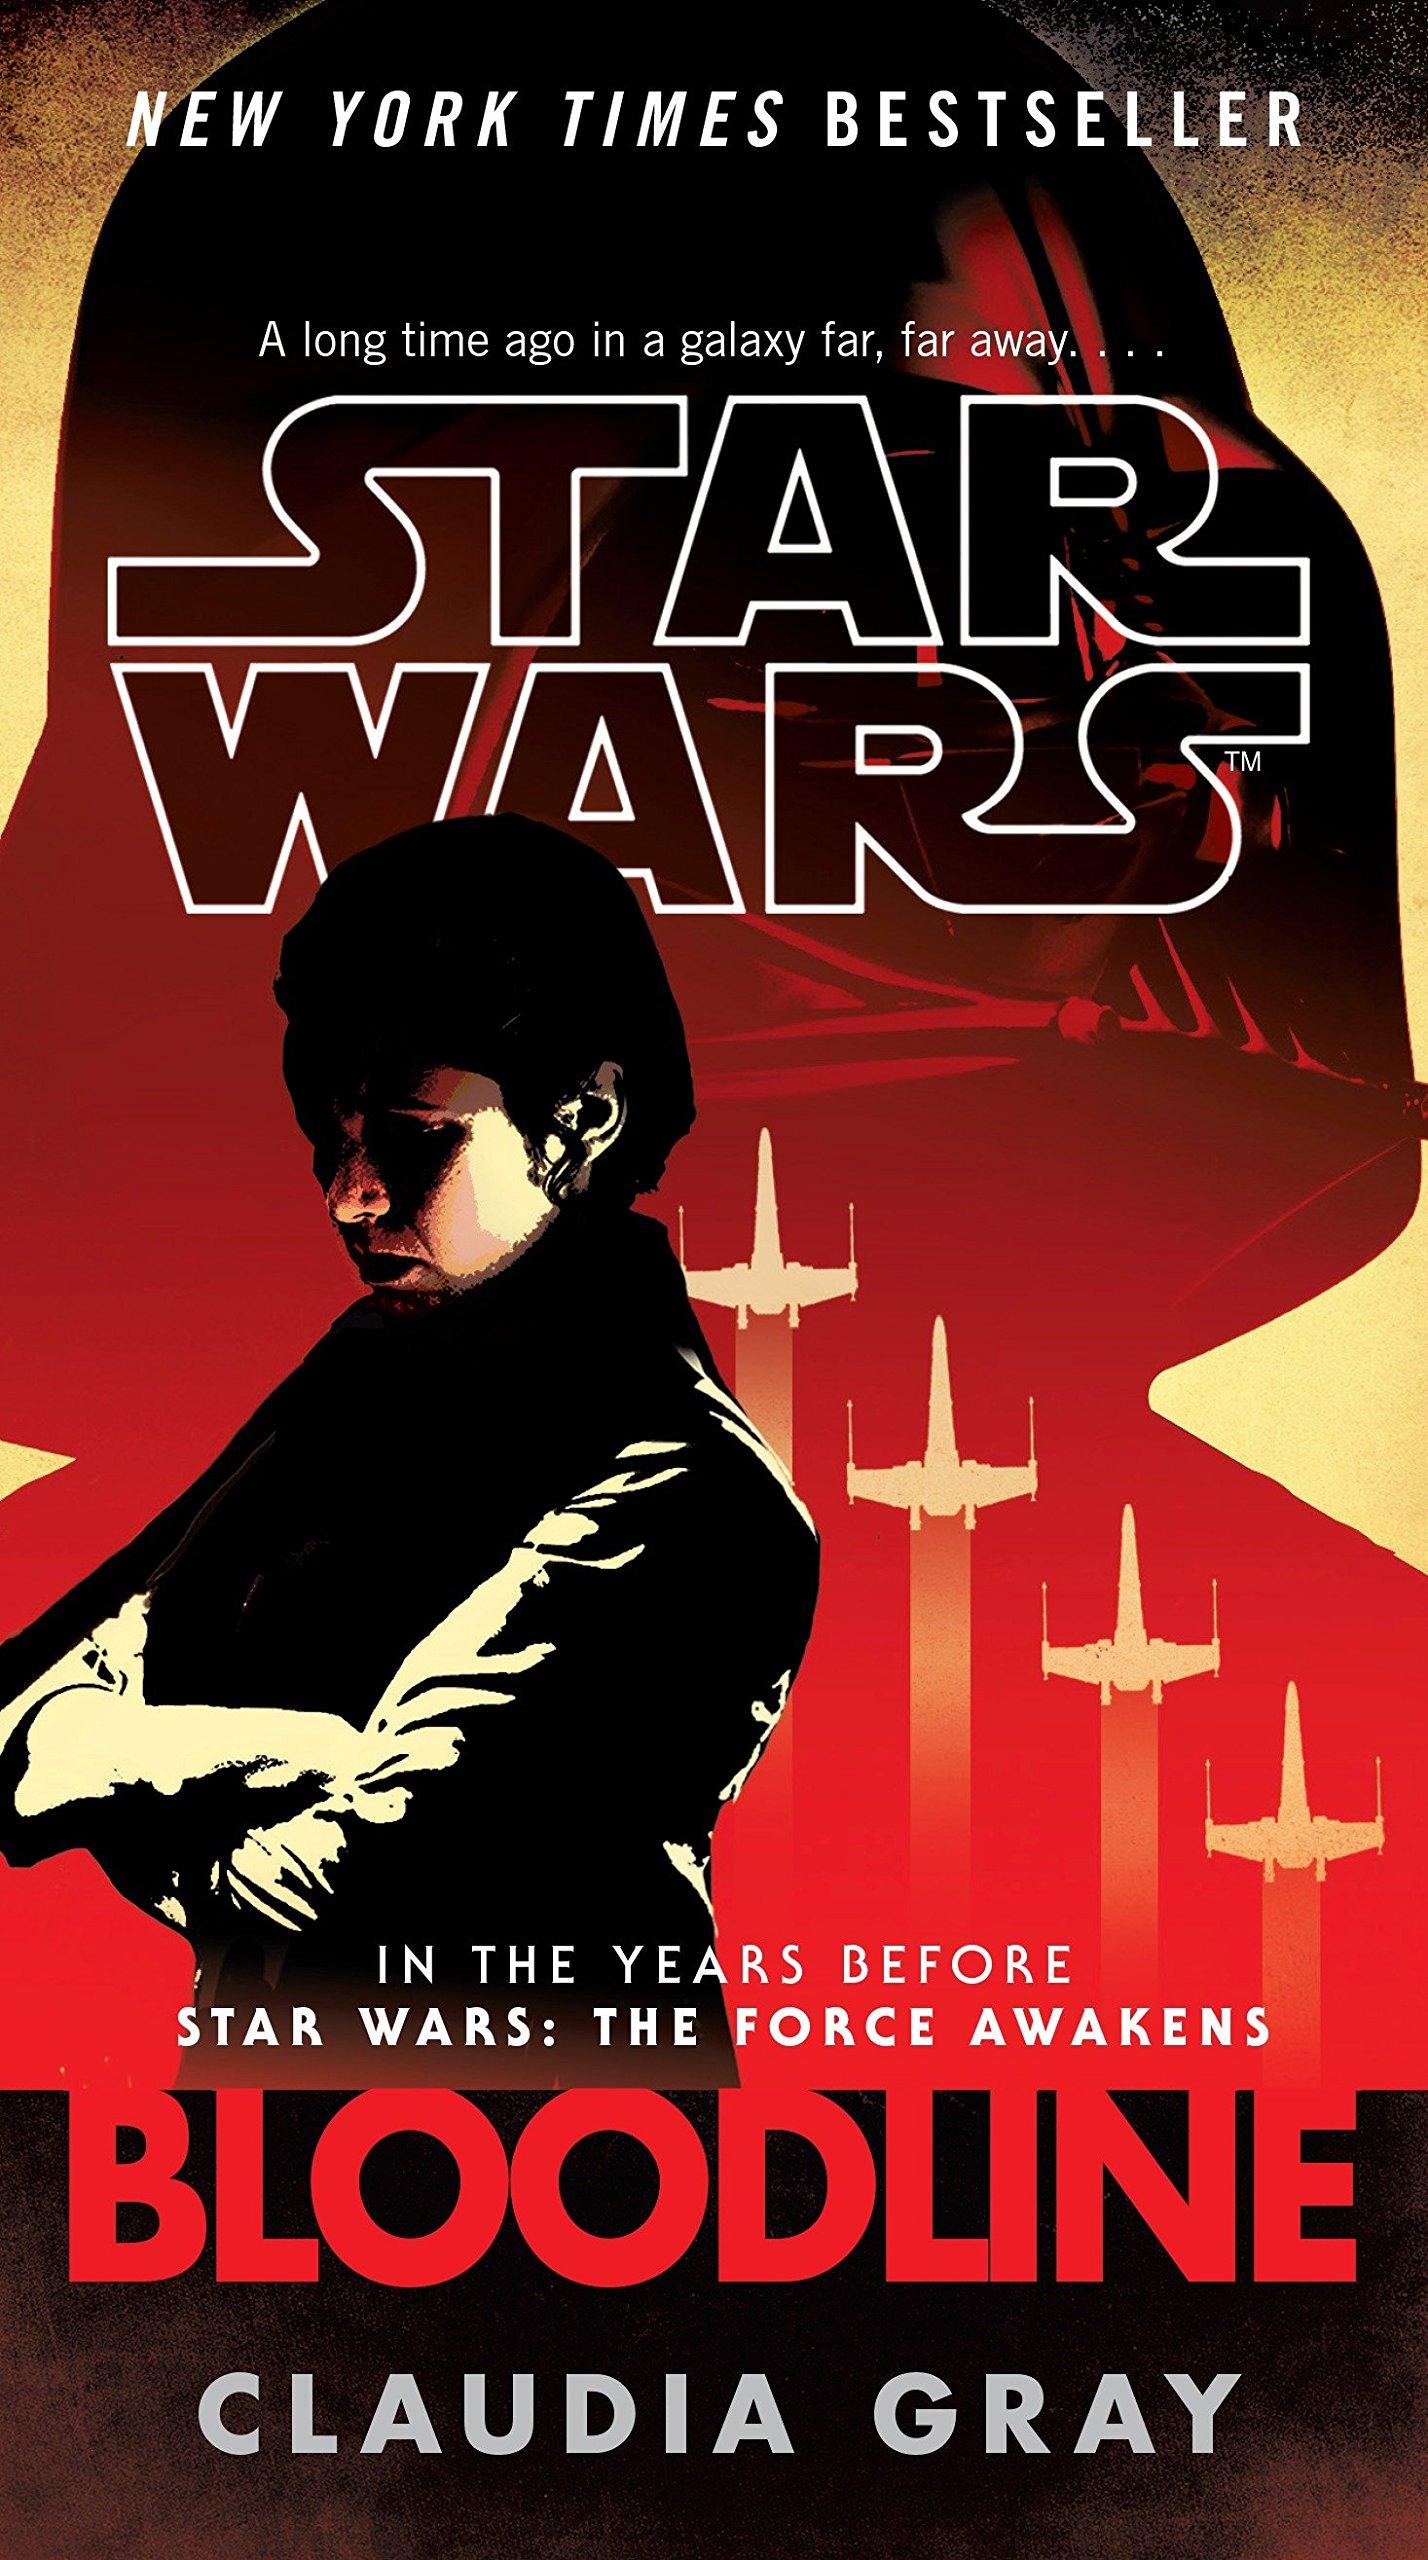 Star Wars: Bloodline (paperback)